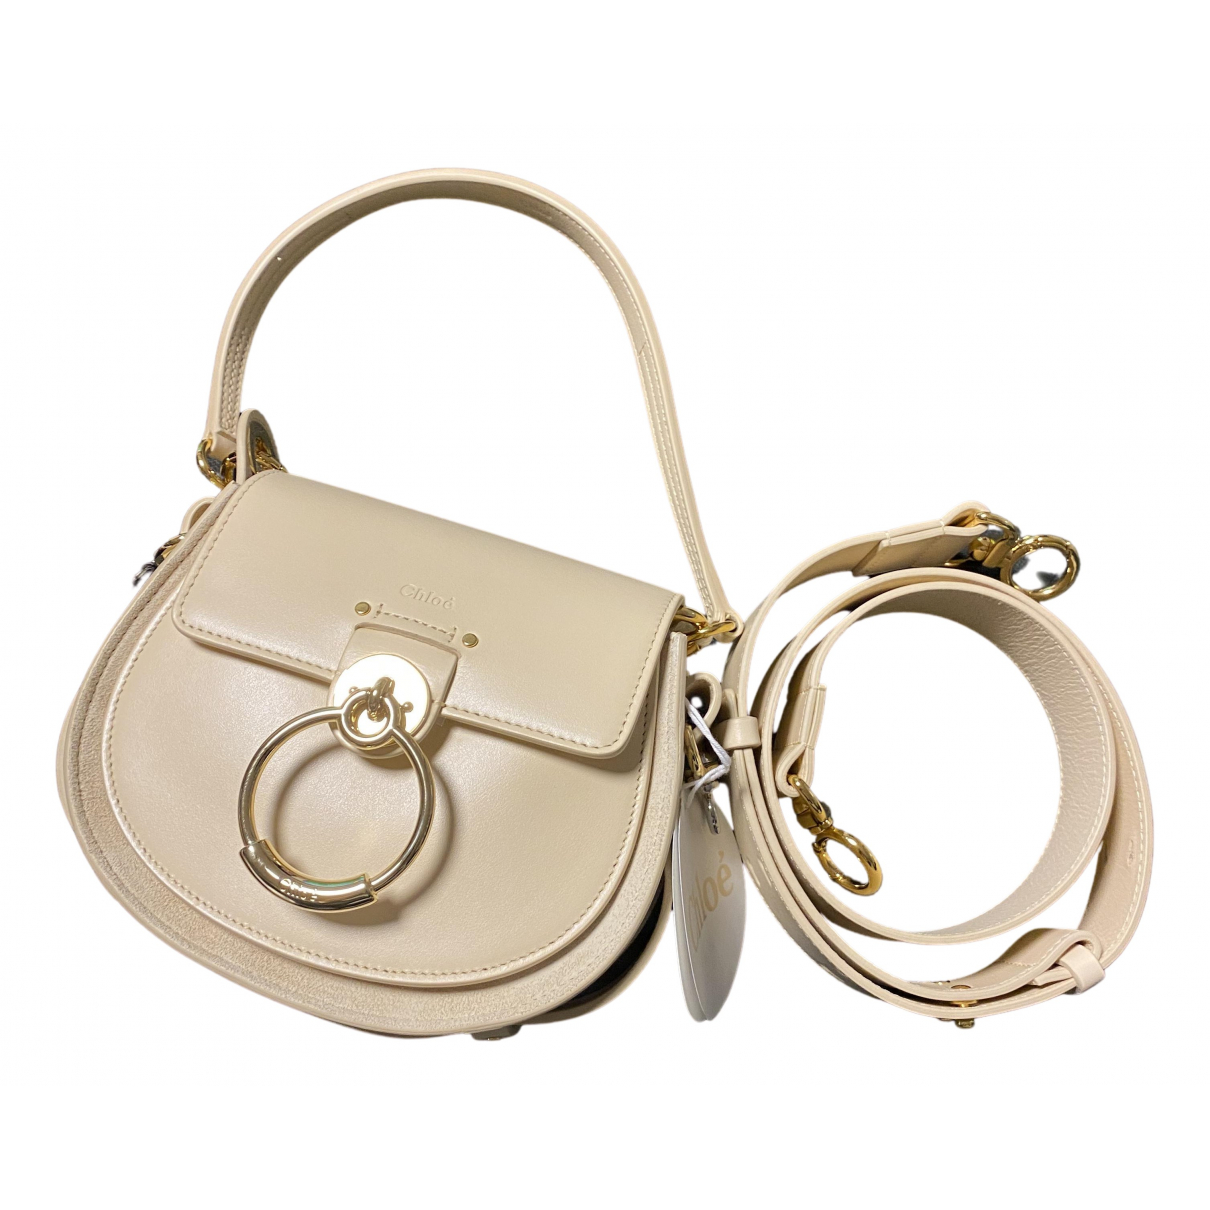 Chloé Tess Beige Leather handbag for Women N